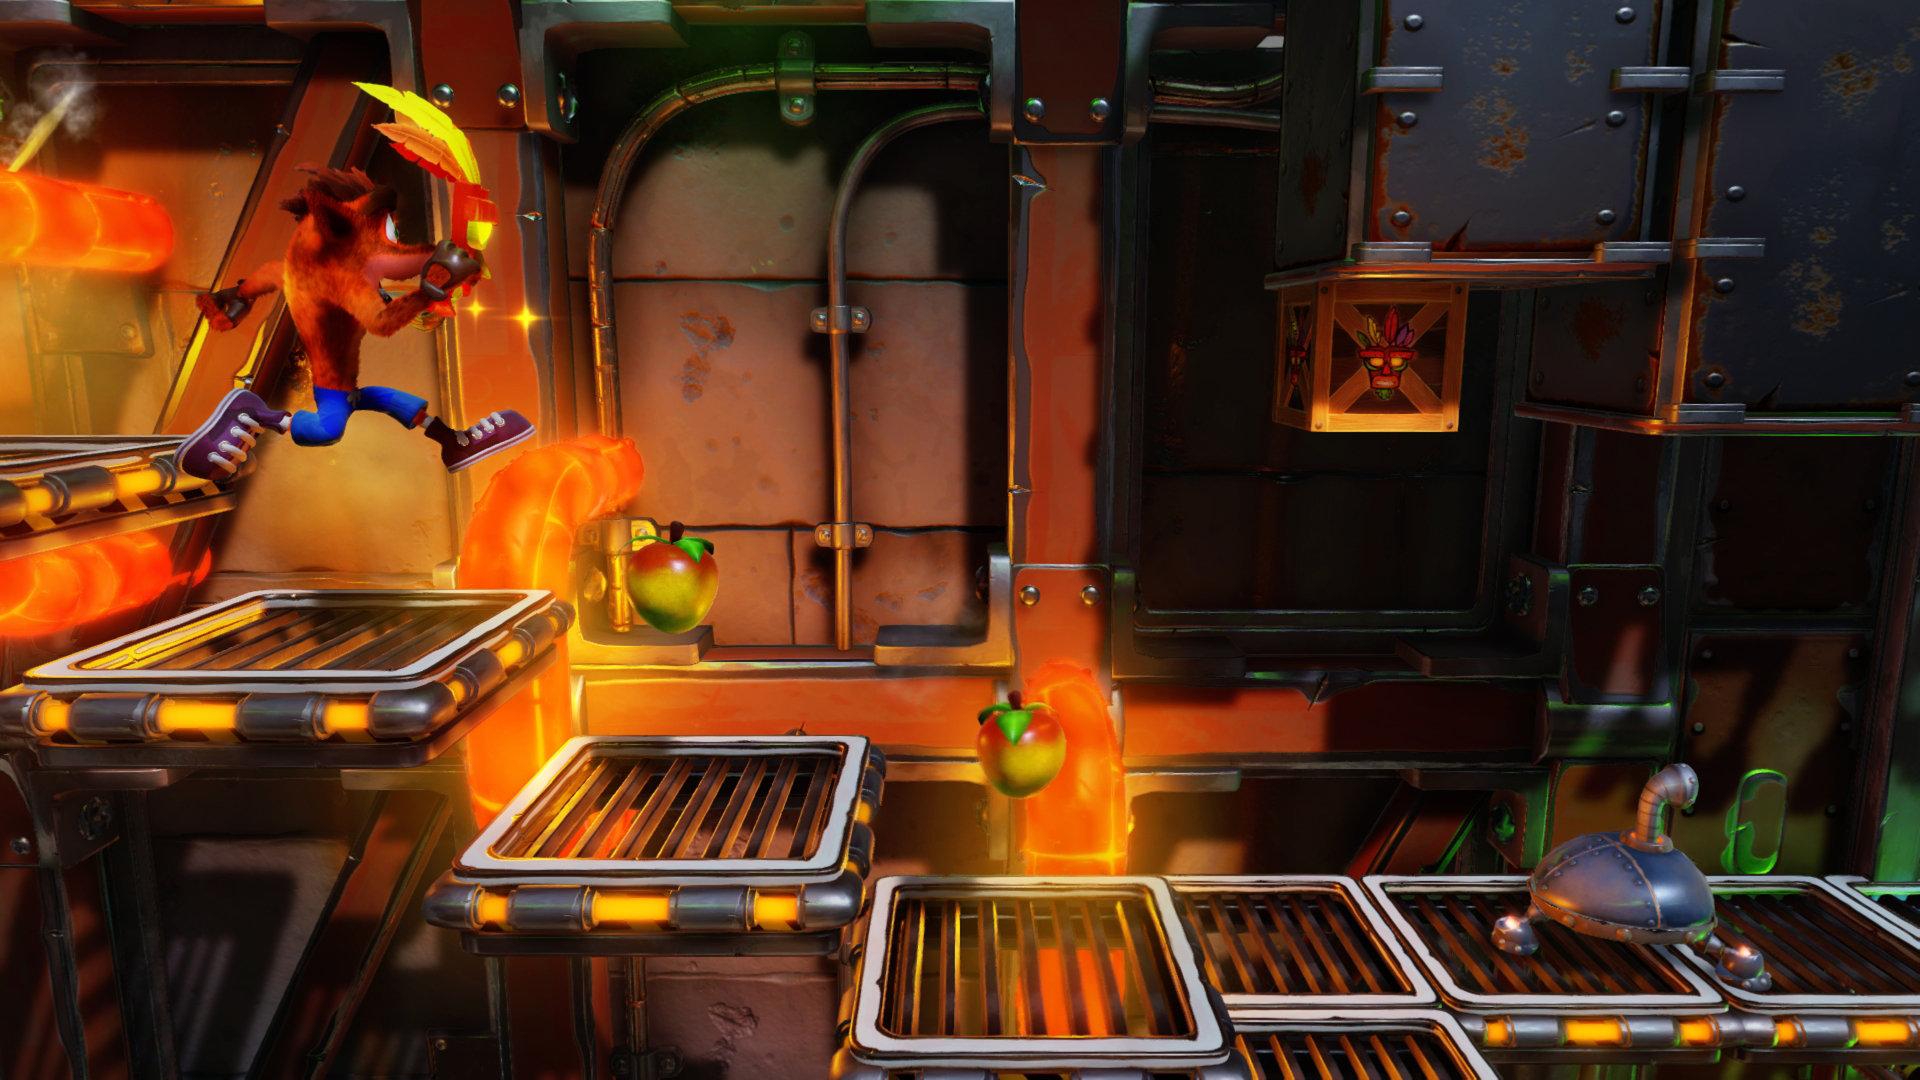 crash-bandicoot-1 Crash Bandicoot: N. Sane Trilogy'nin çıkış tarihi duyuruldu